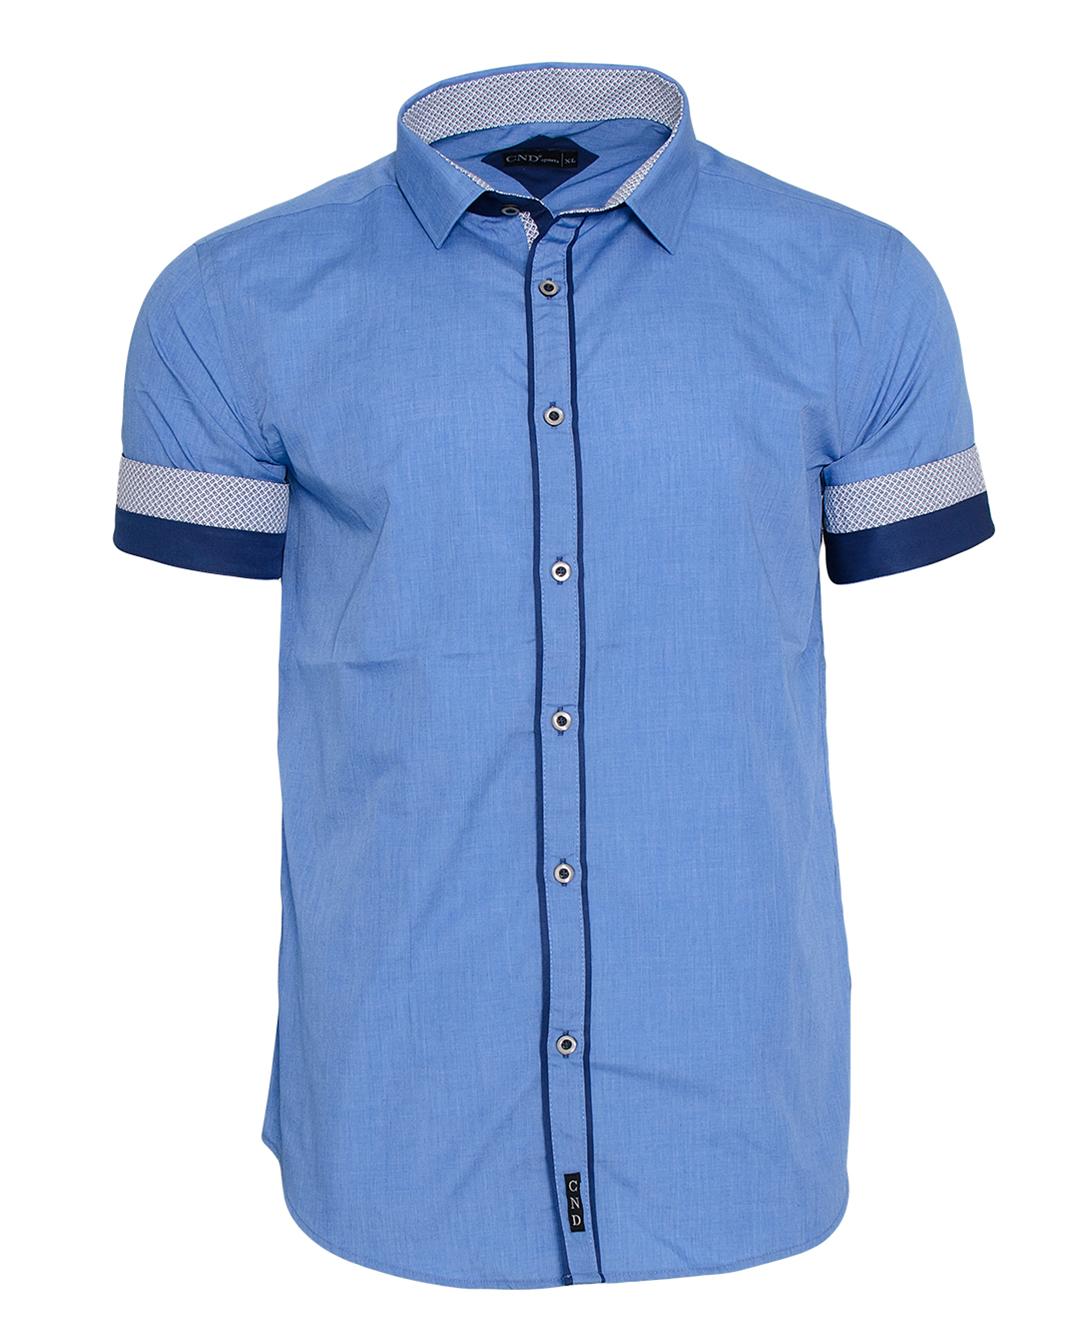 Κοντομάνικο Πουκάμισο CND Blue-Μπλε αρχική ανδρικά ρούχα πουκάμισα